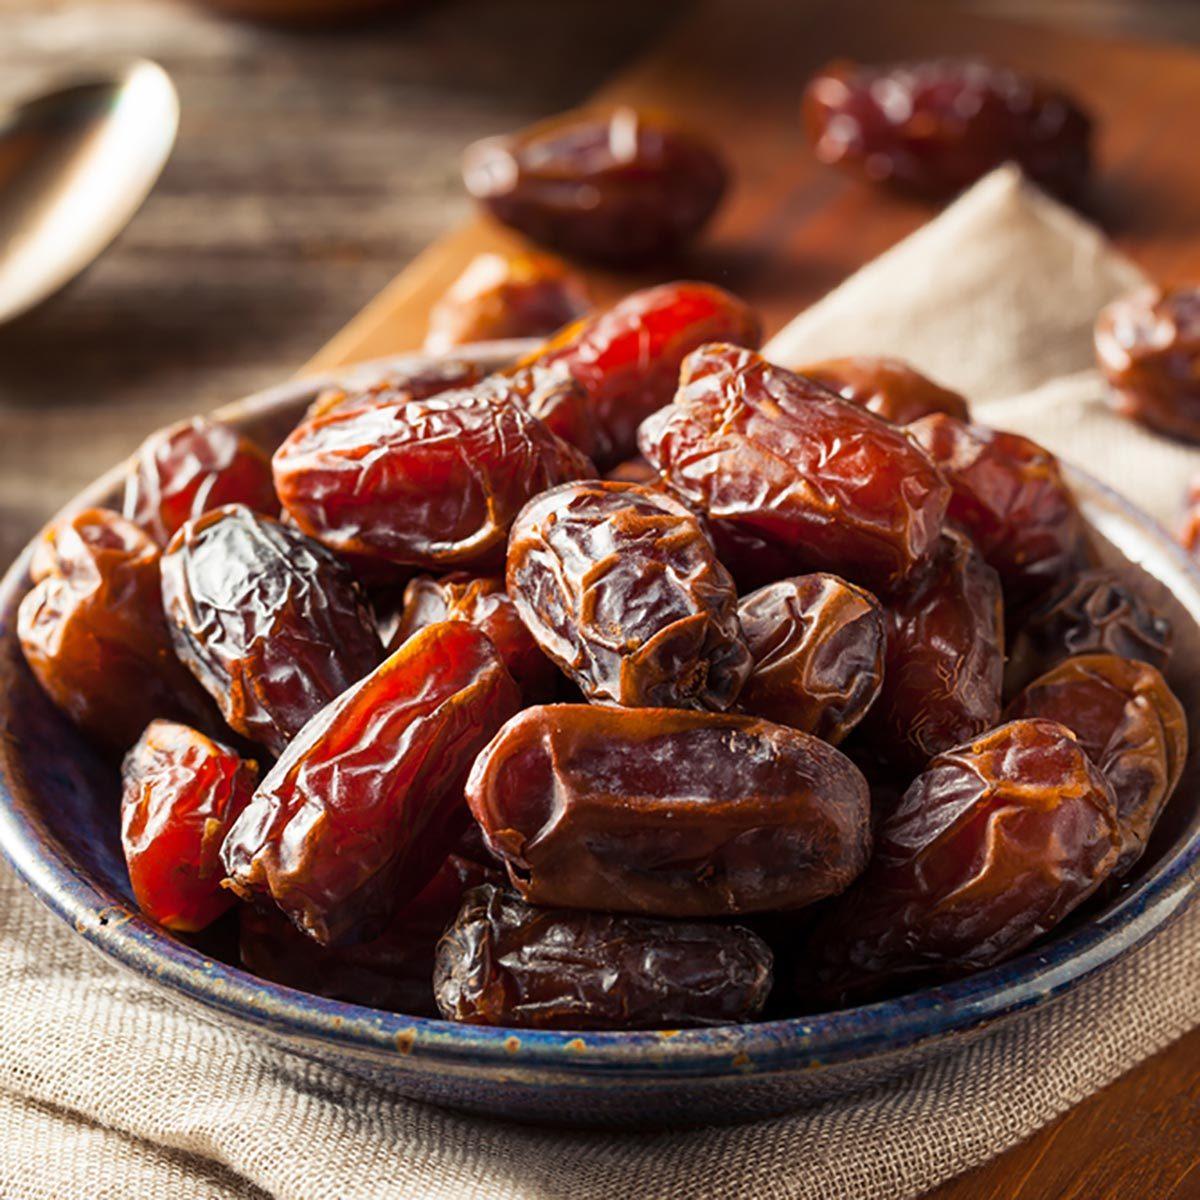 Les glucides des dattes sont bons pour la santé.